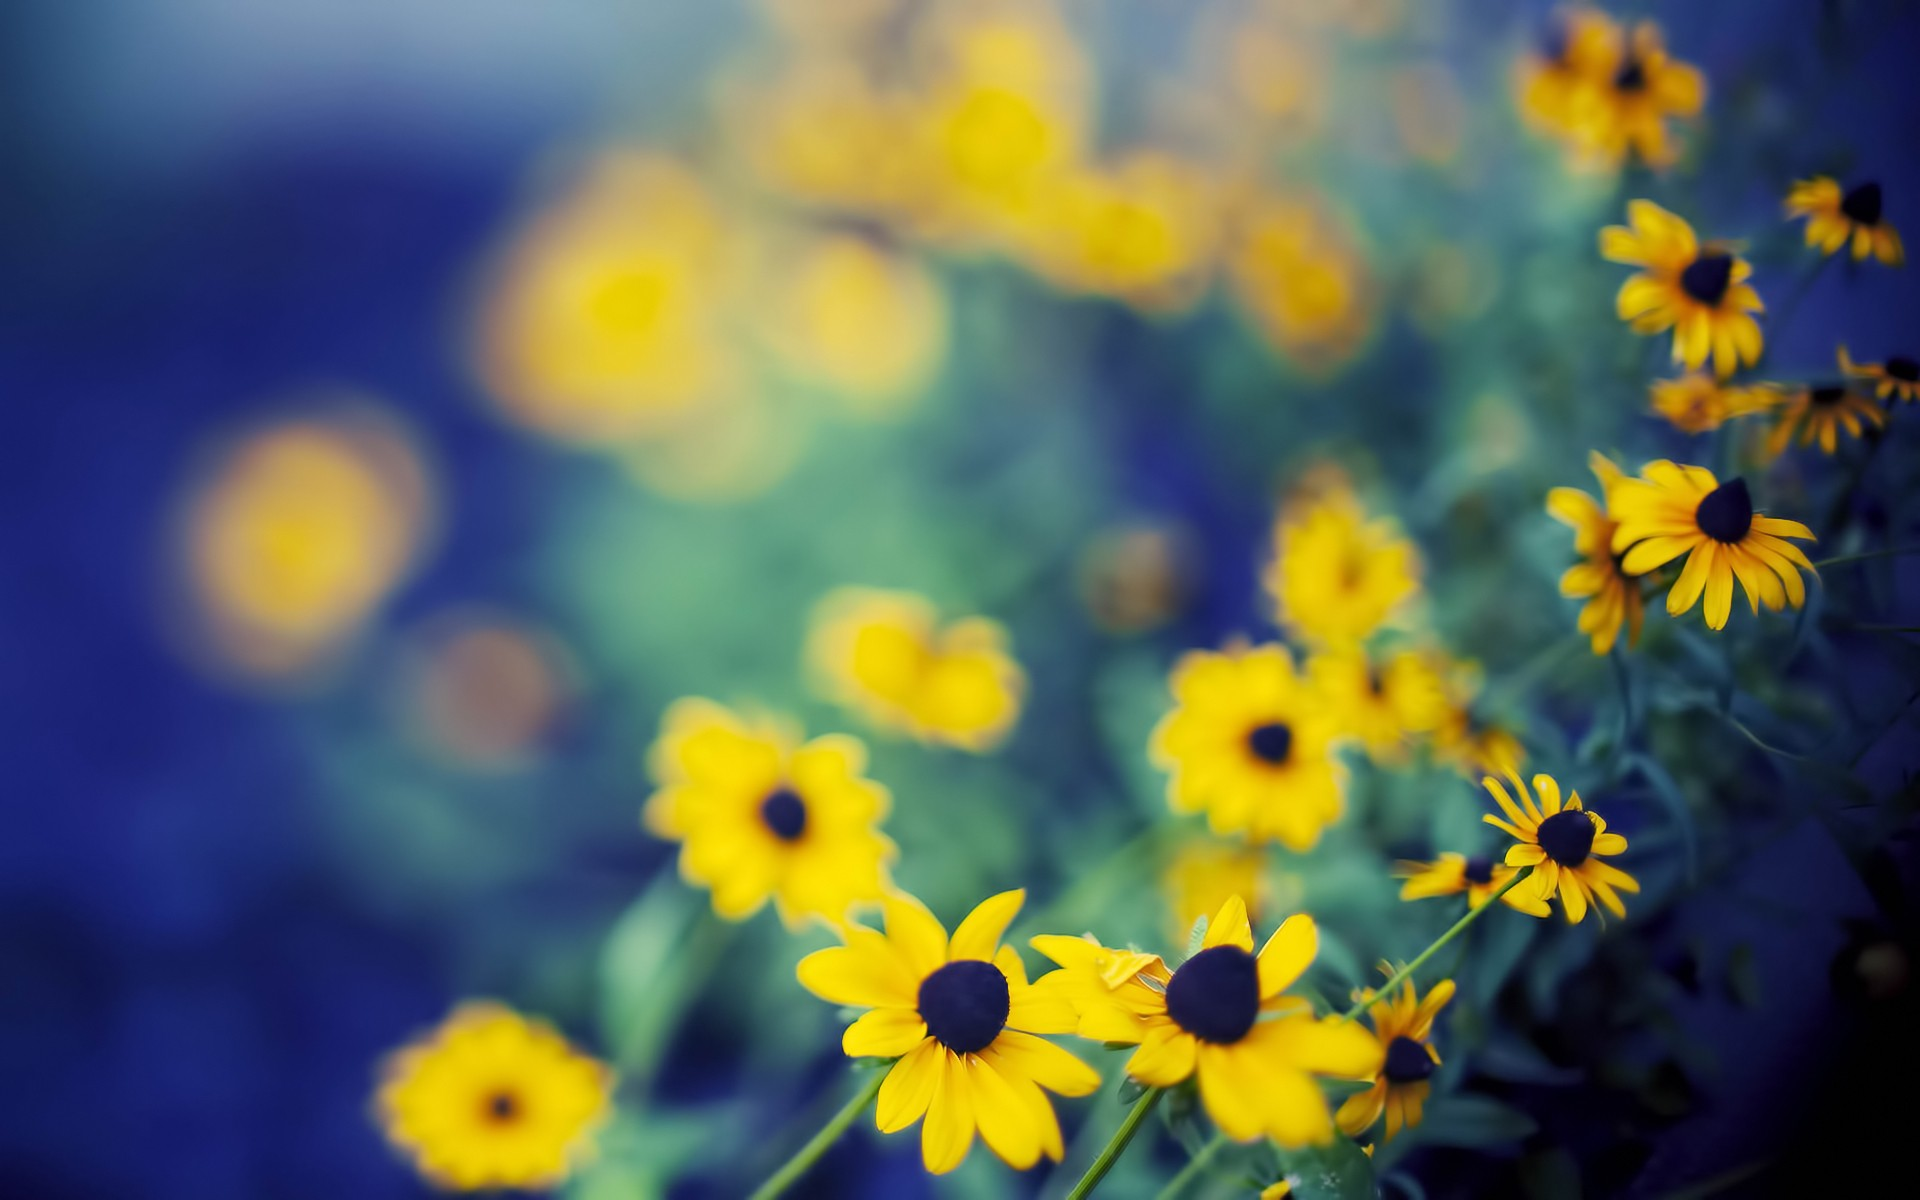 Yellow Flower Hd Wallpaper HD